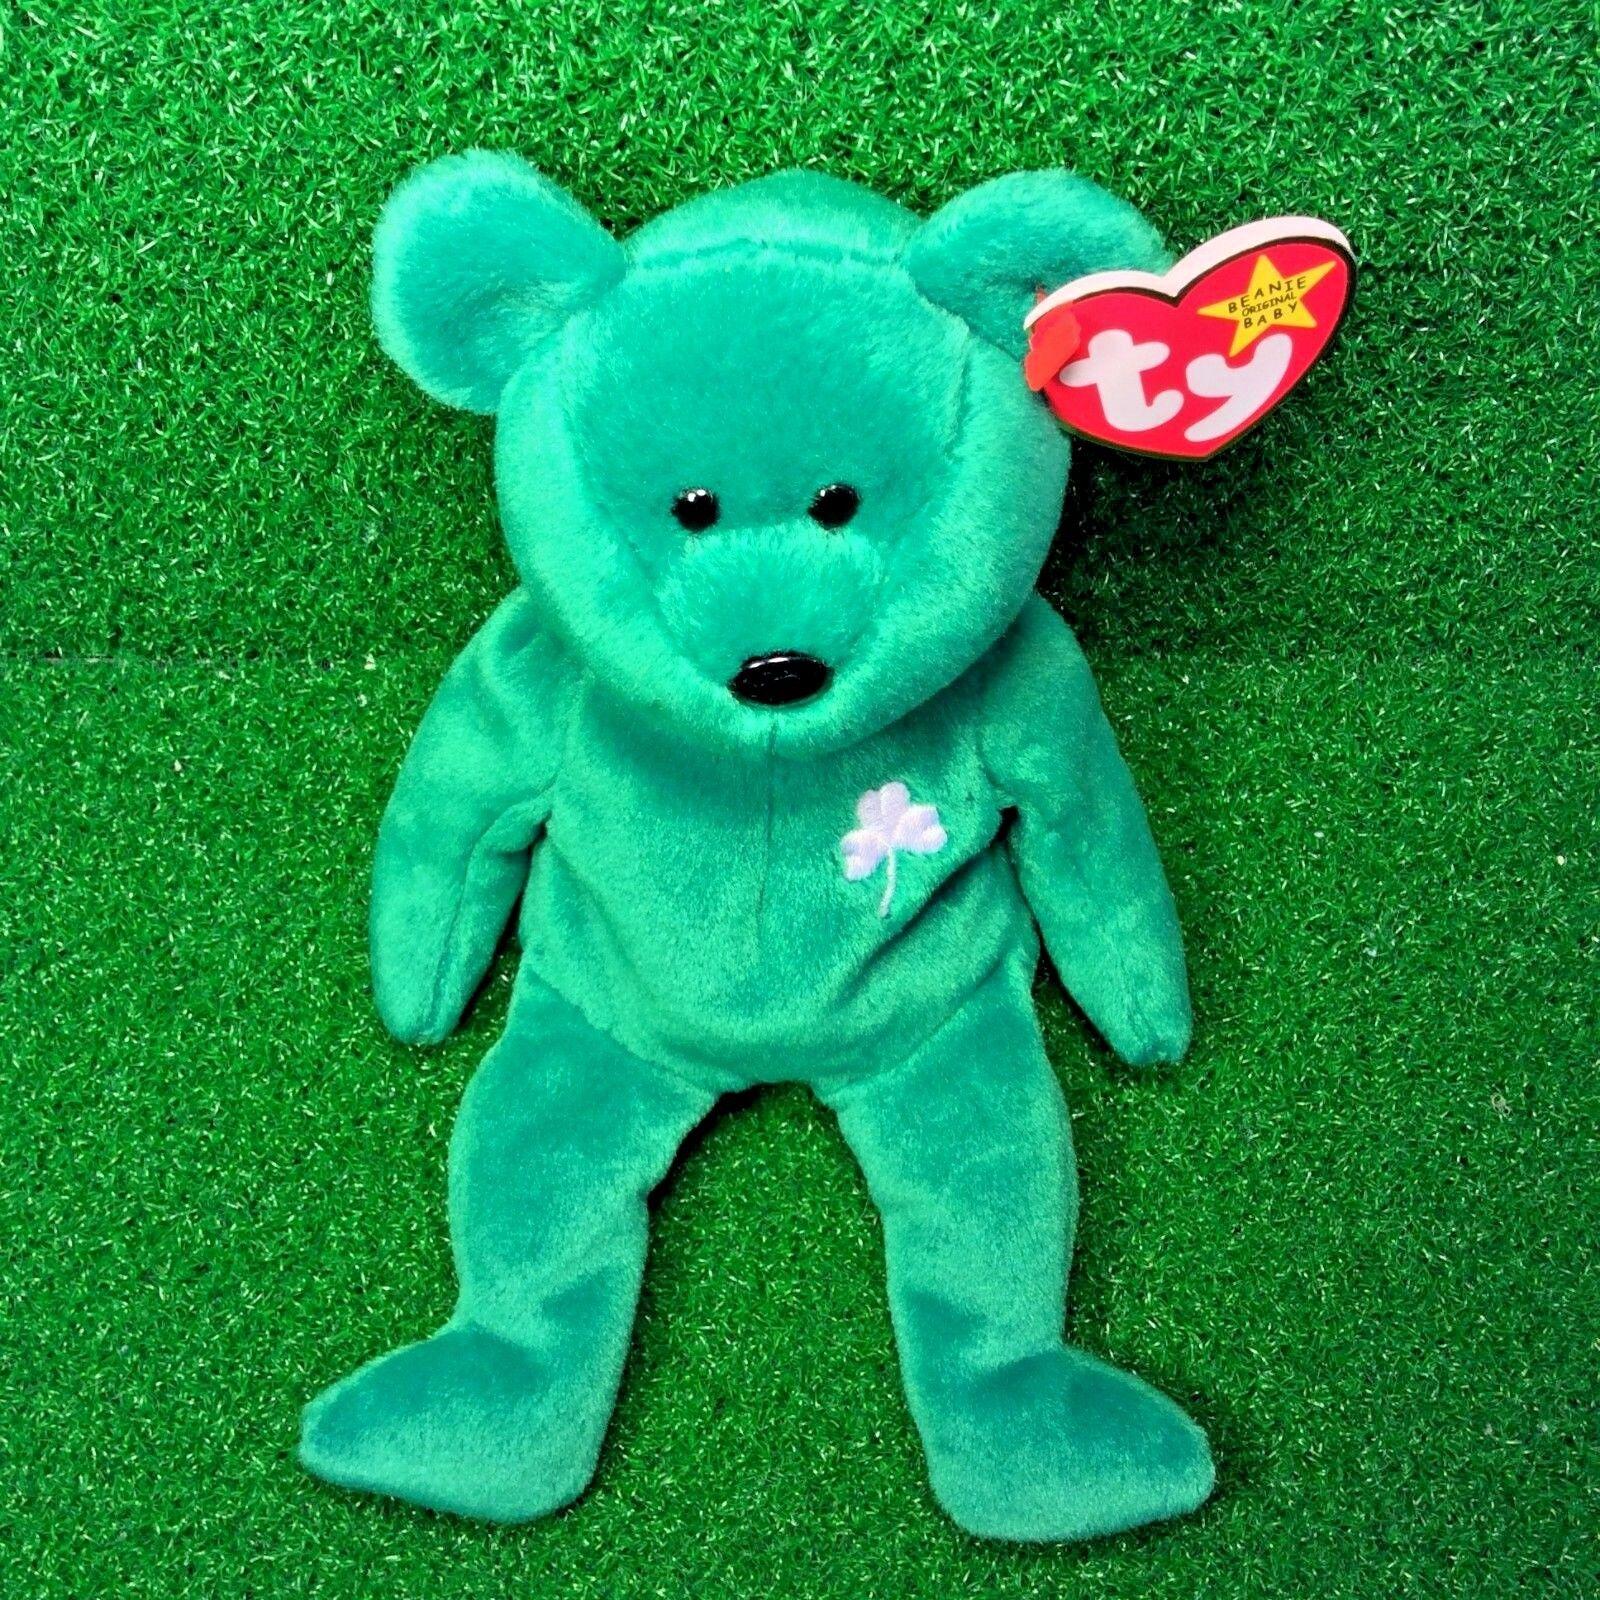 MWMT 1997 1997 1997 Retired Erin The Bear Original TY Beanie Baby